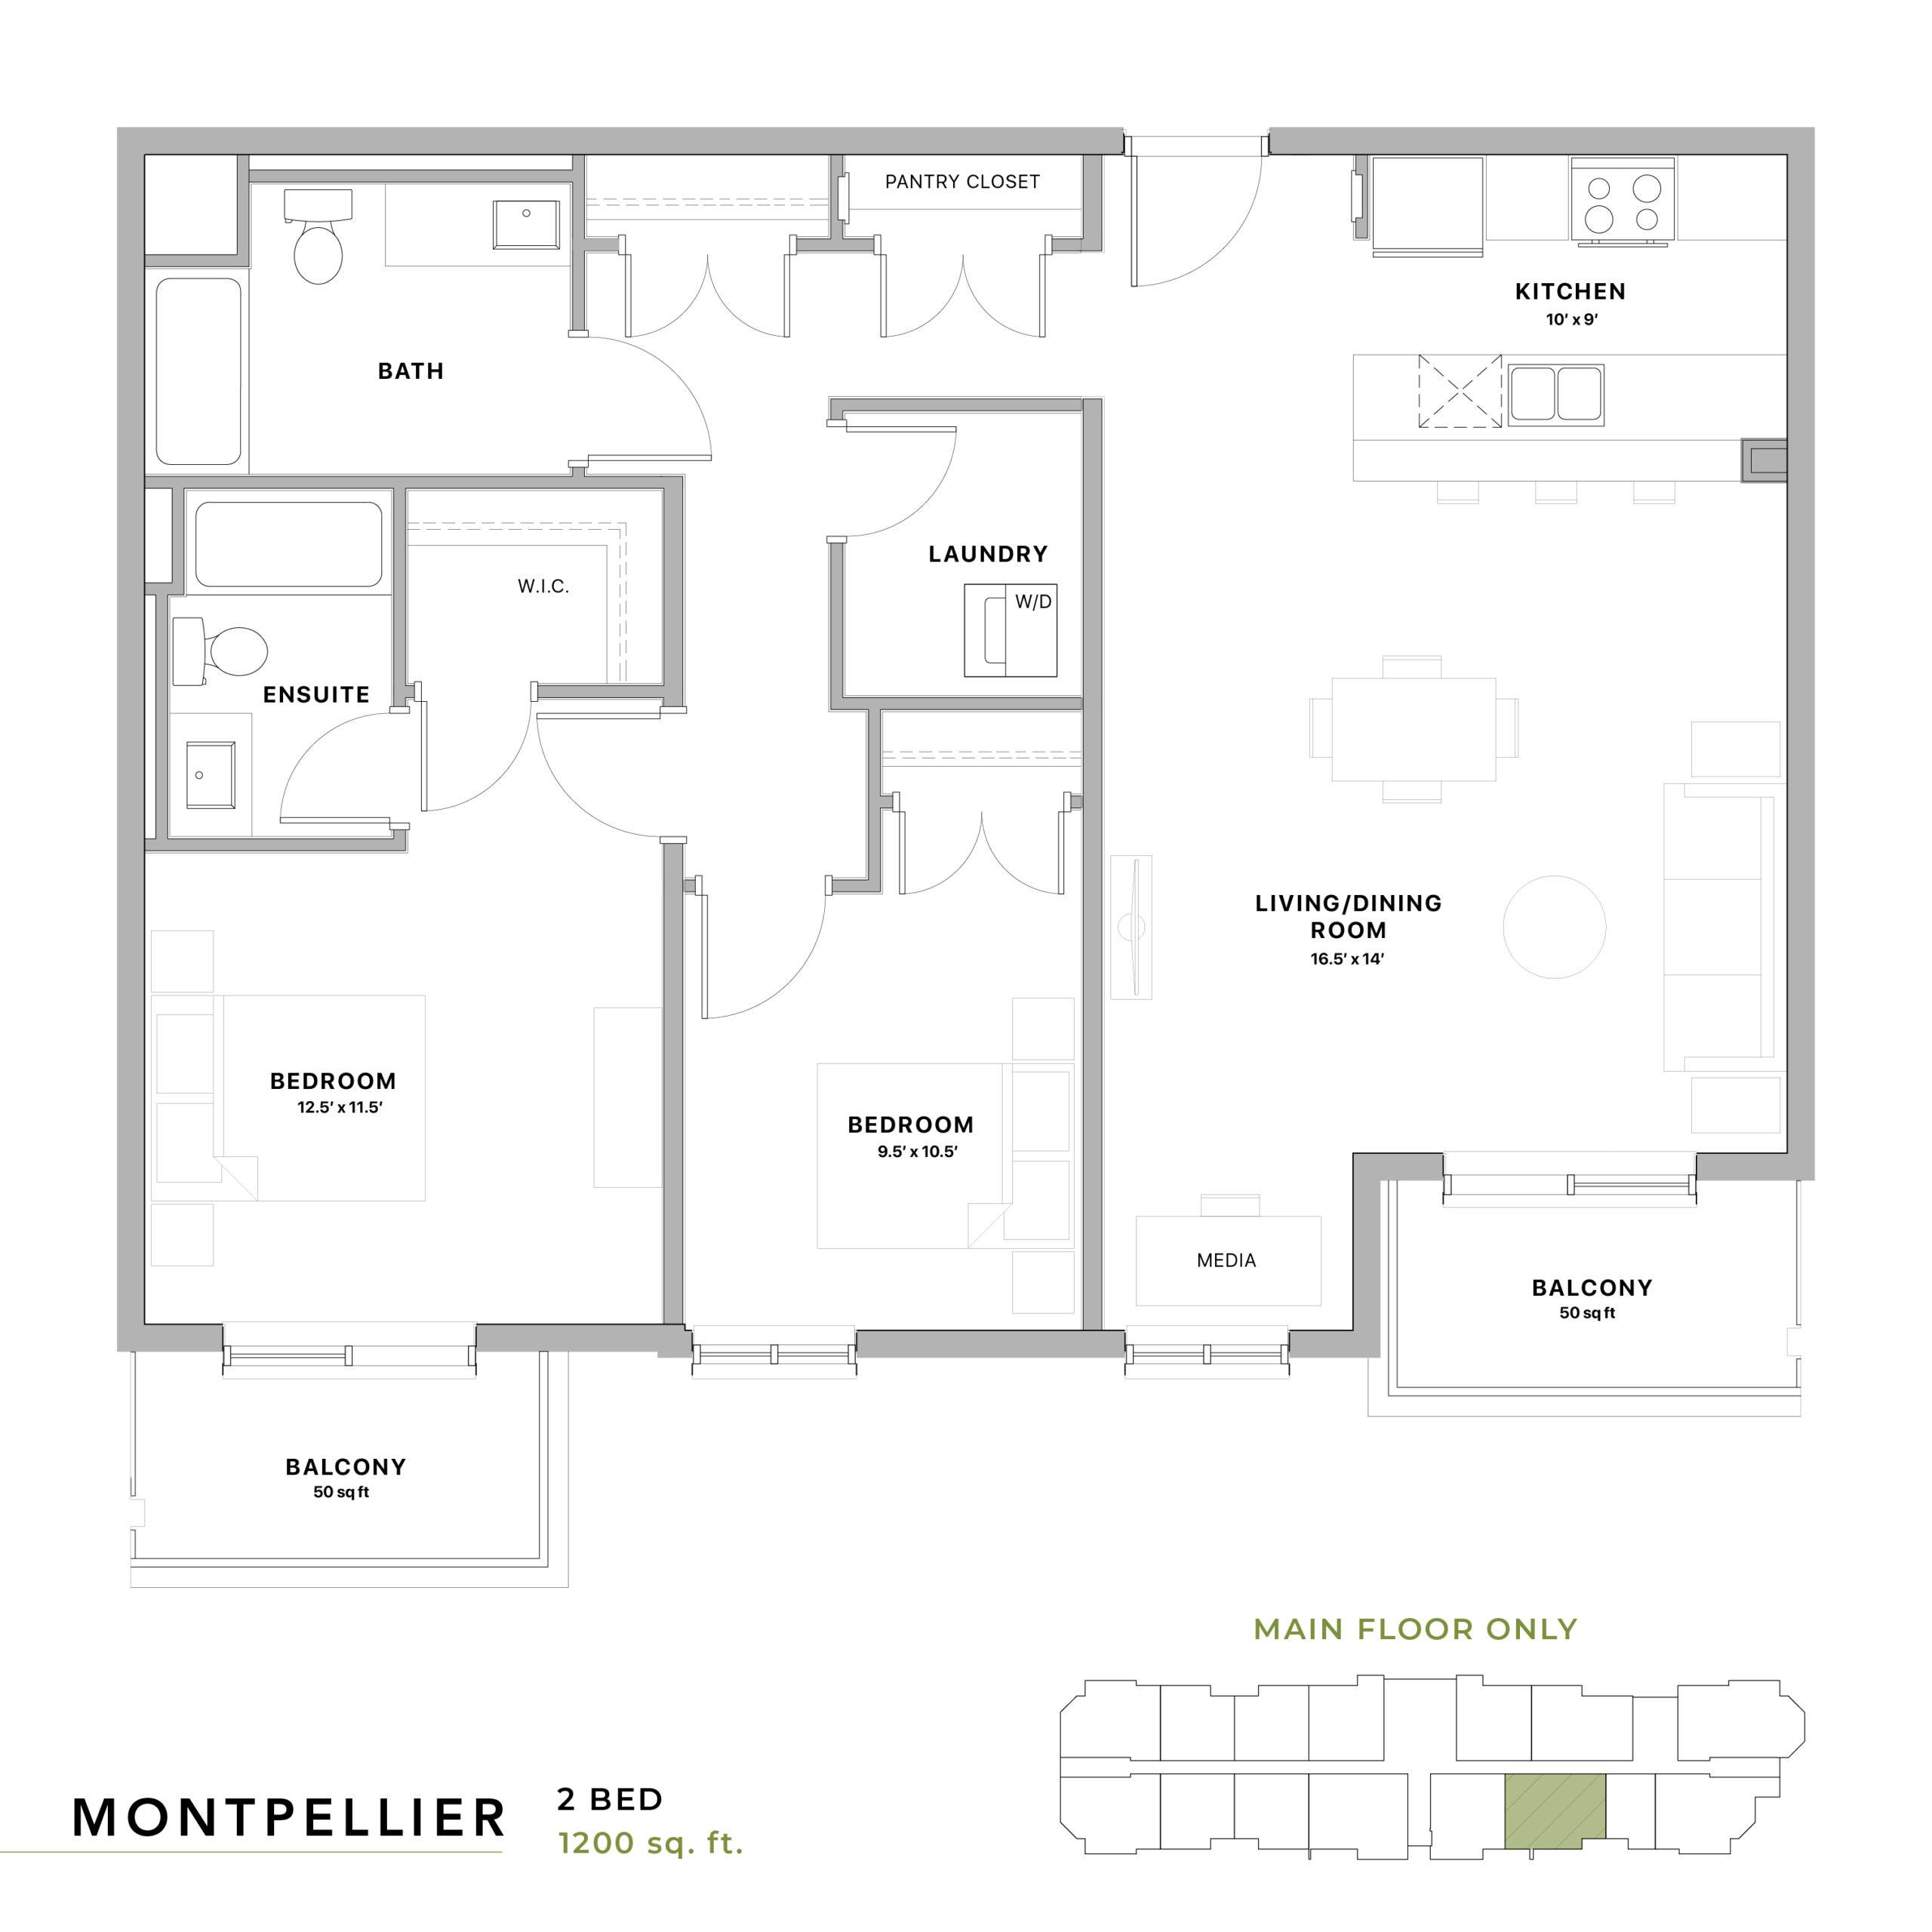 Montpellier Floorplan